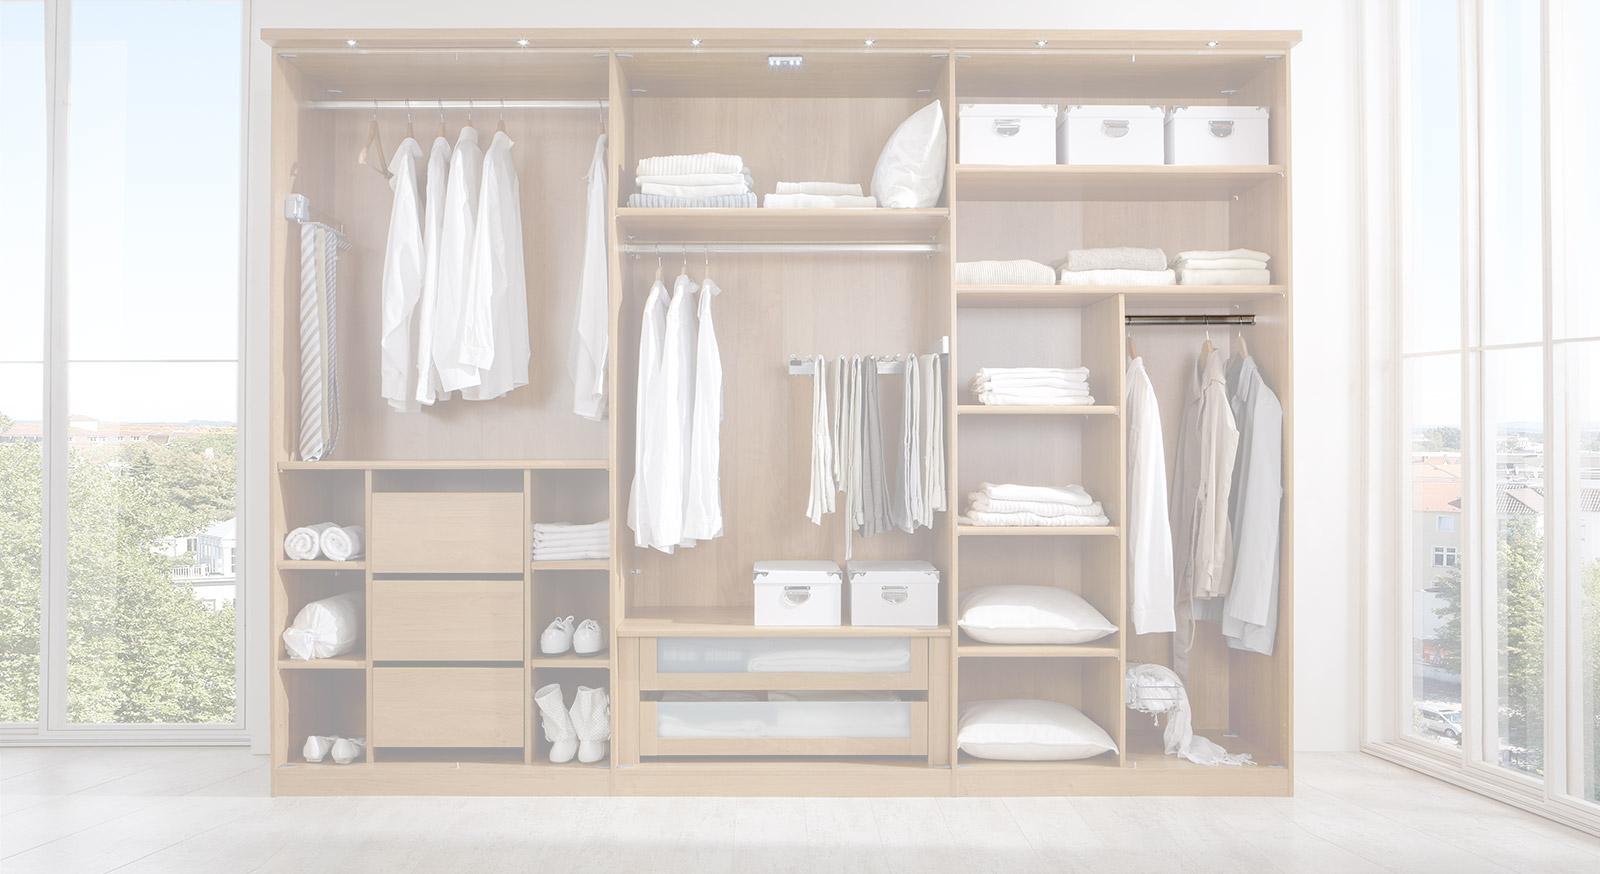 Schmale Kleiderstange der Innenausstattung für Kleiderschränke